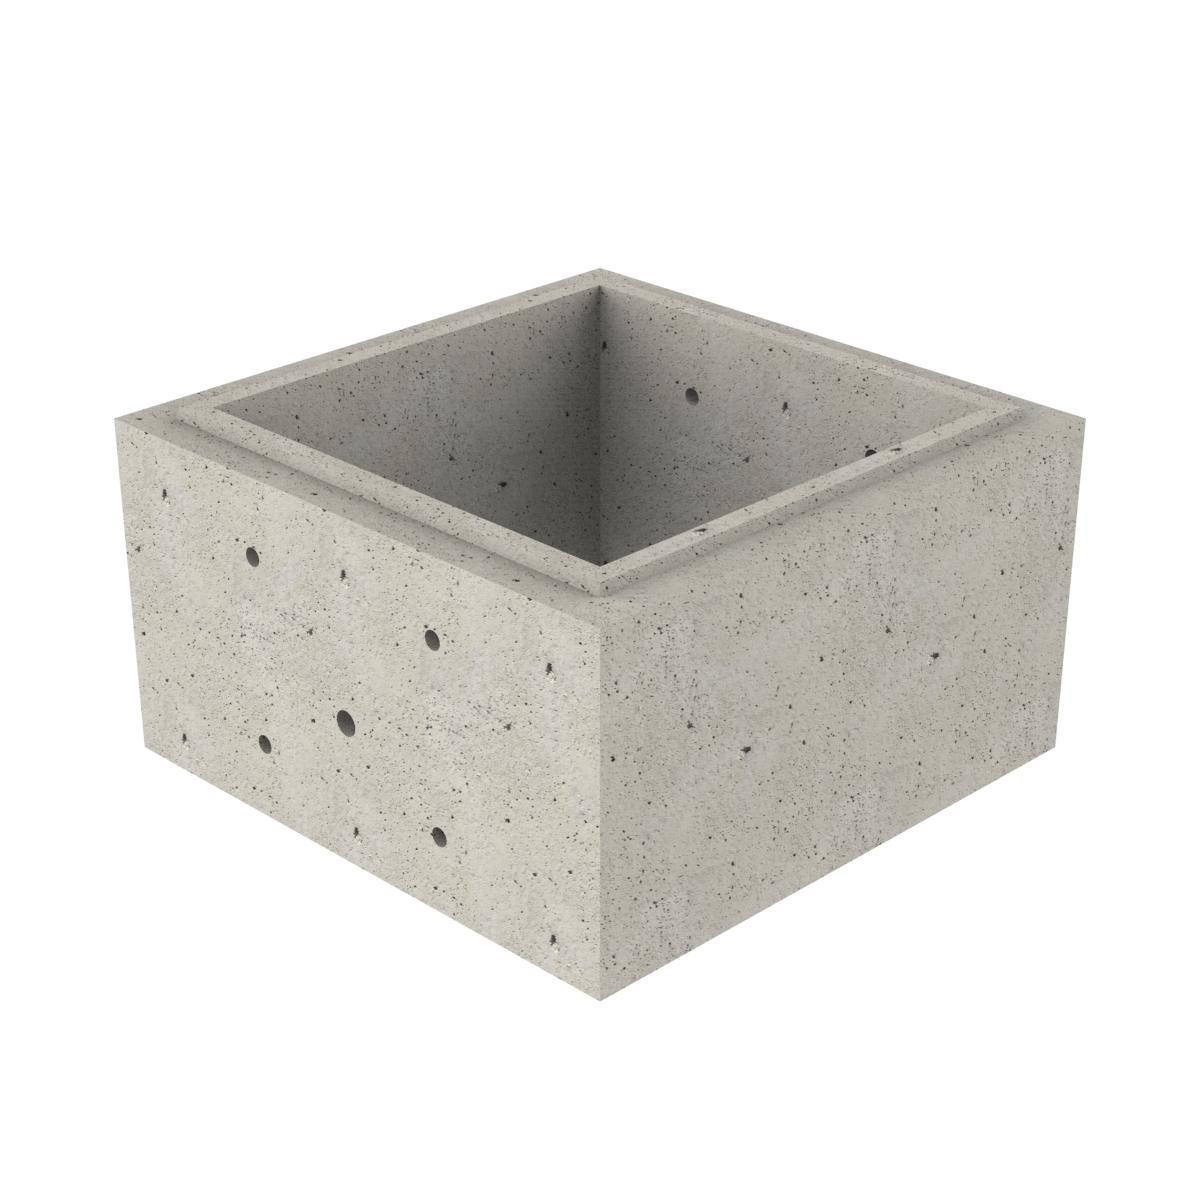 Puits préfabriqué carré P-2 700x700x500